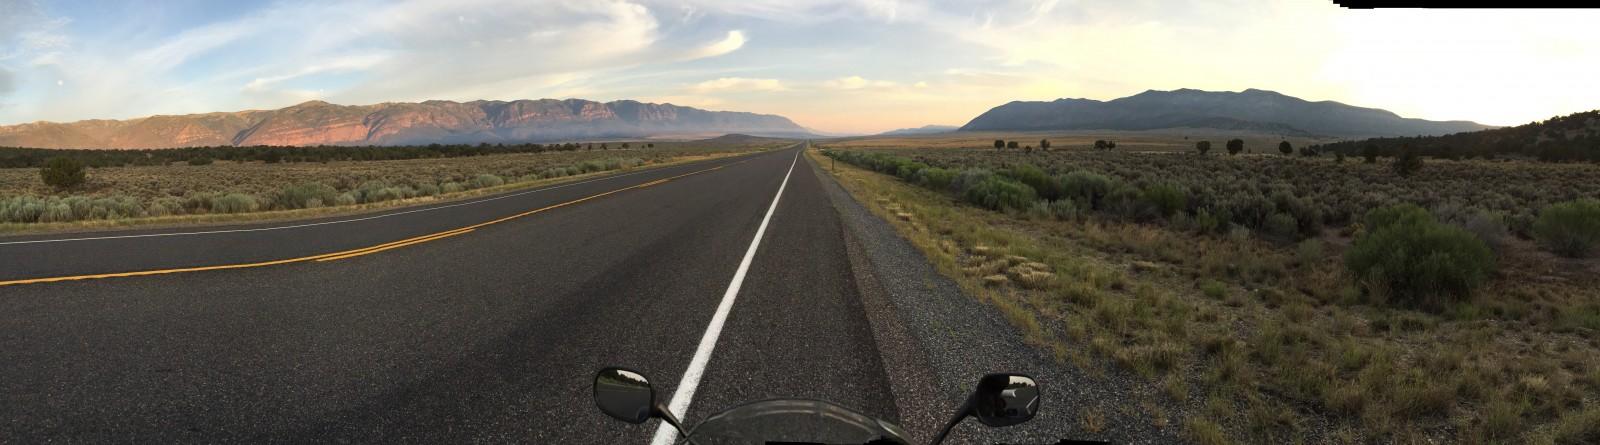 Utah Hwy 50